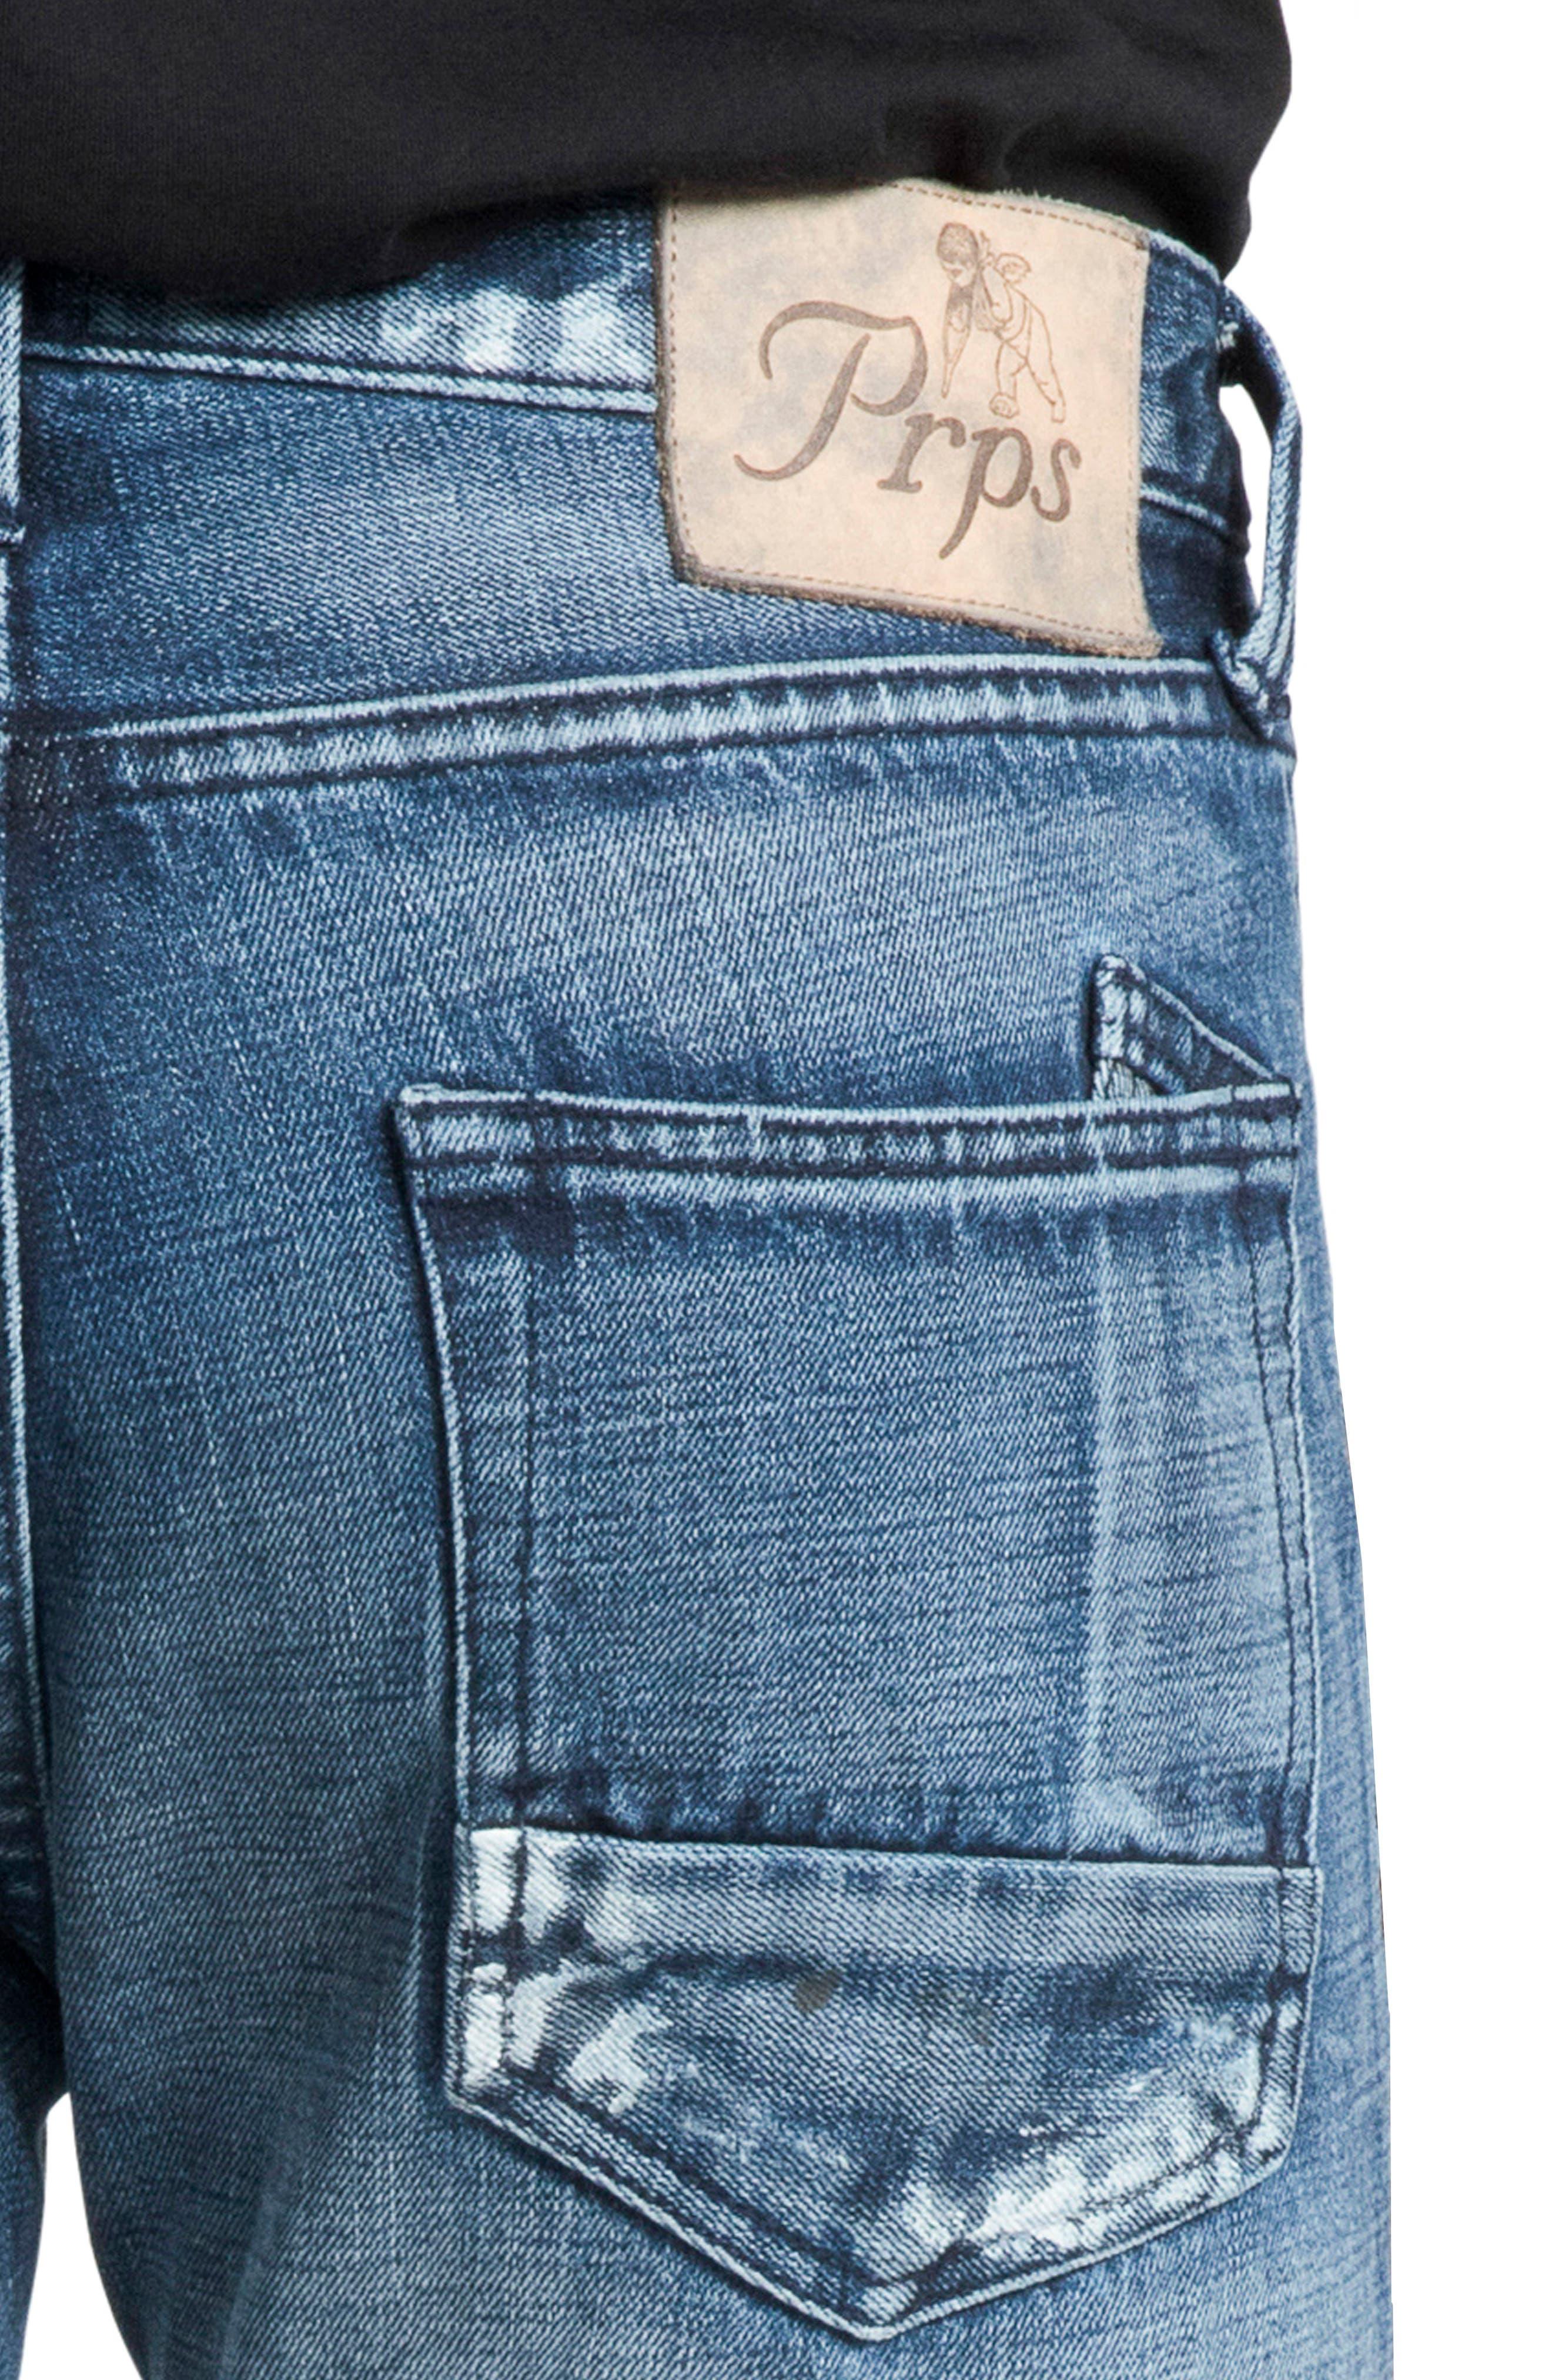 Le Sabre Slim Fit Jeans,                             Alternate thumbnail 4, color,                             PERPETUAL